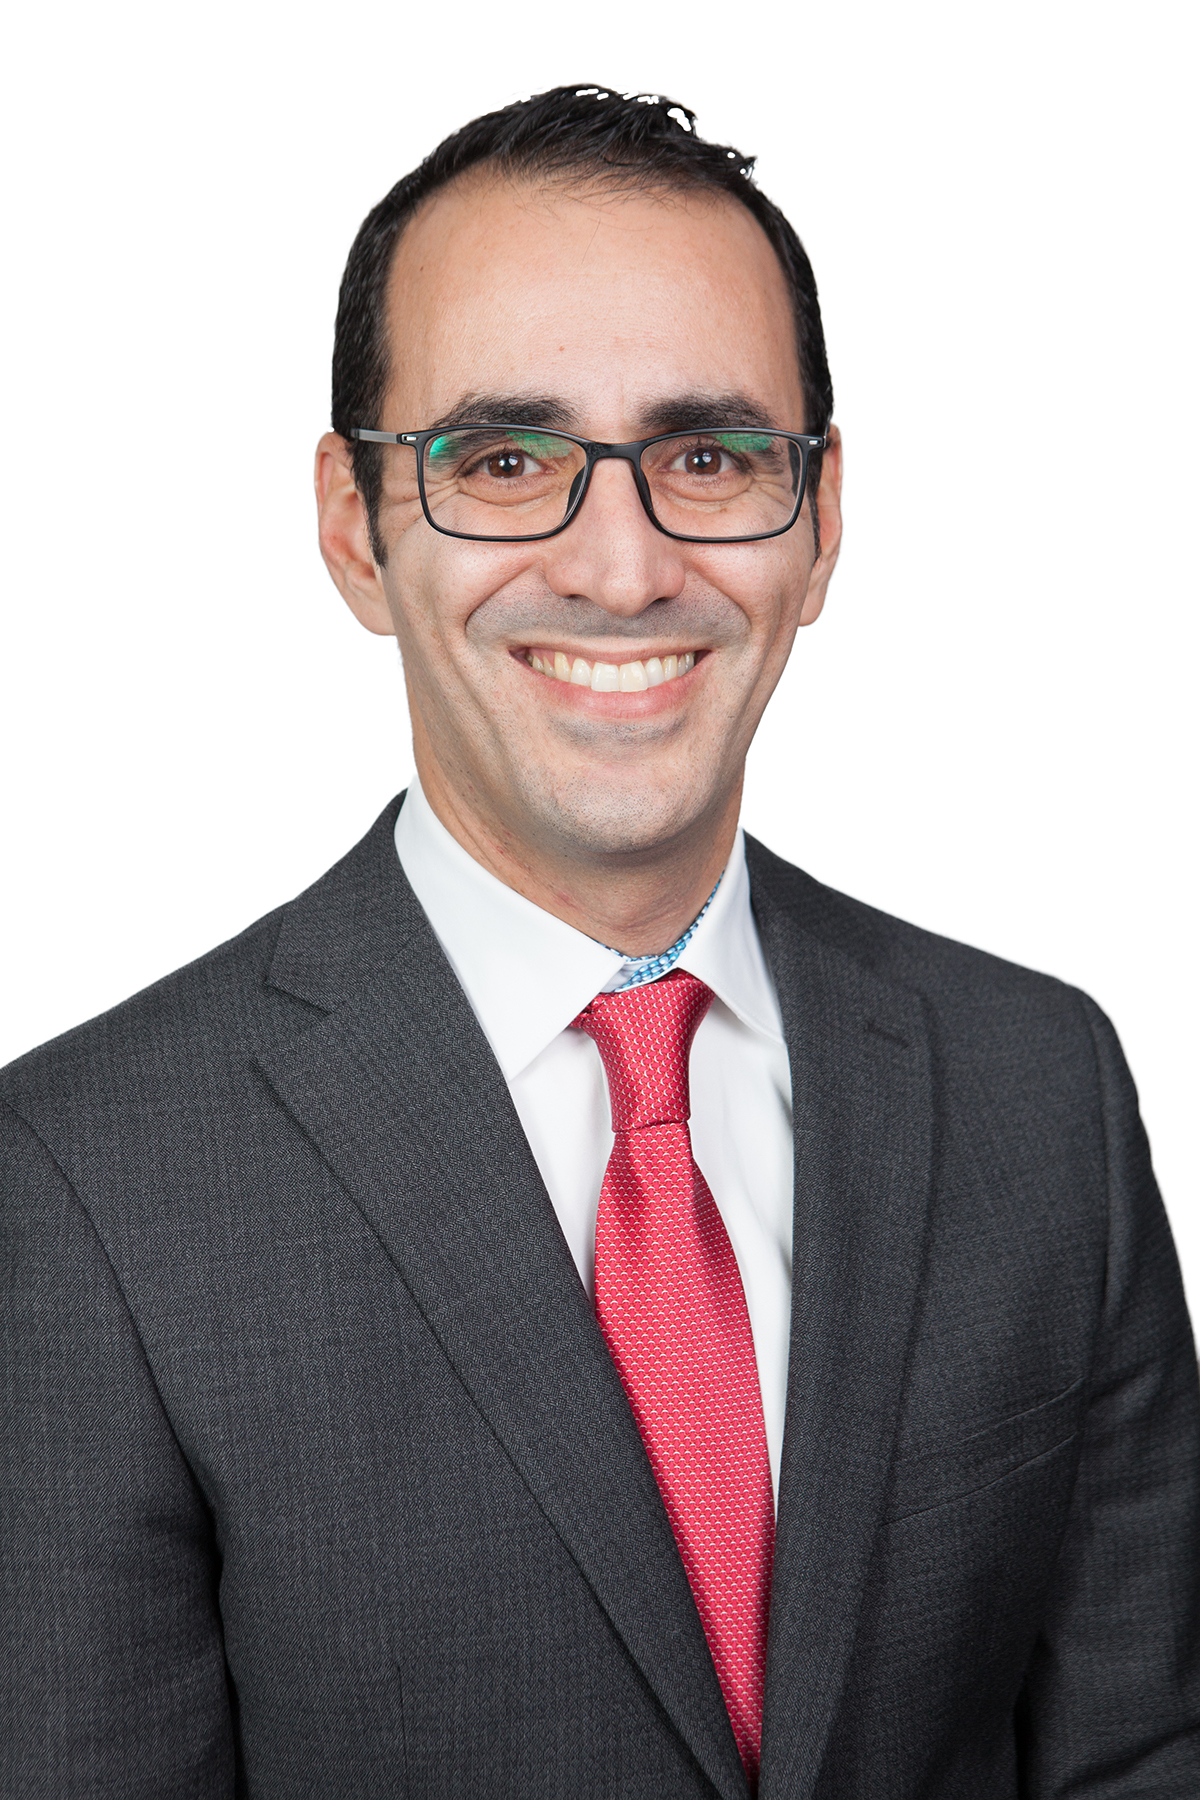 David Tordjman